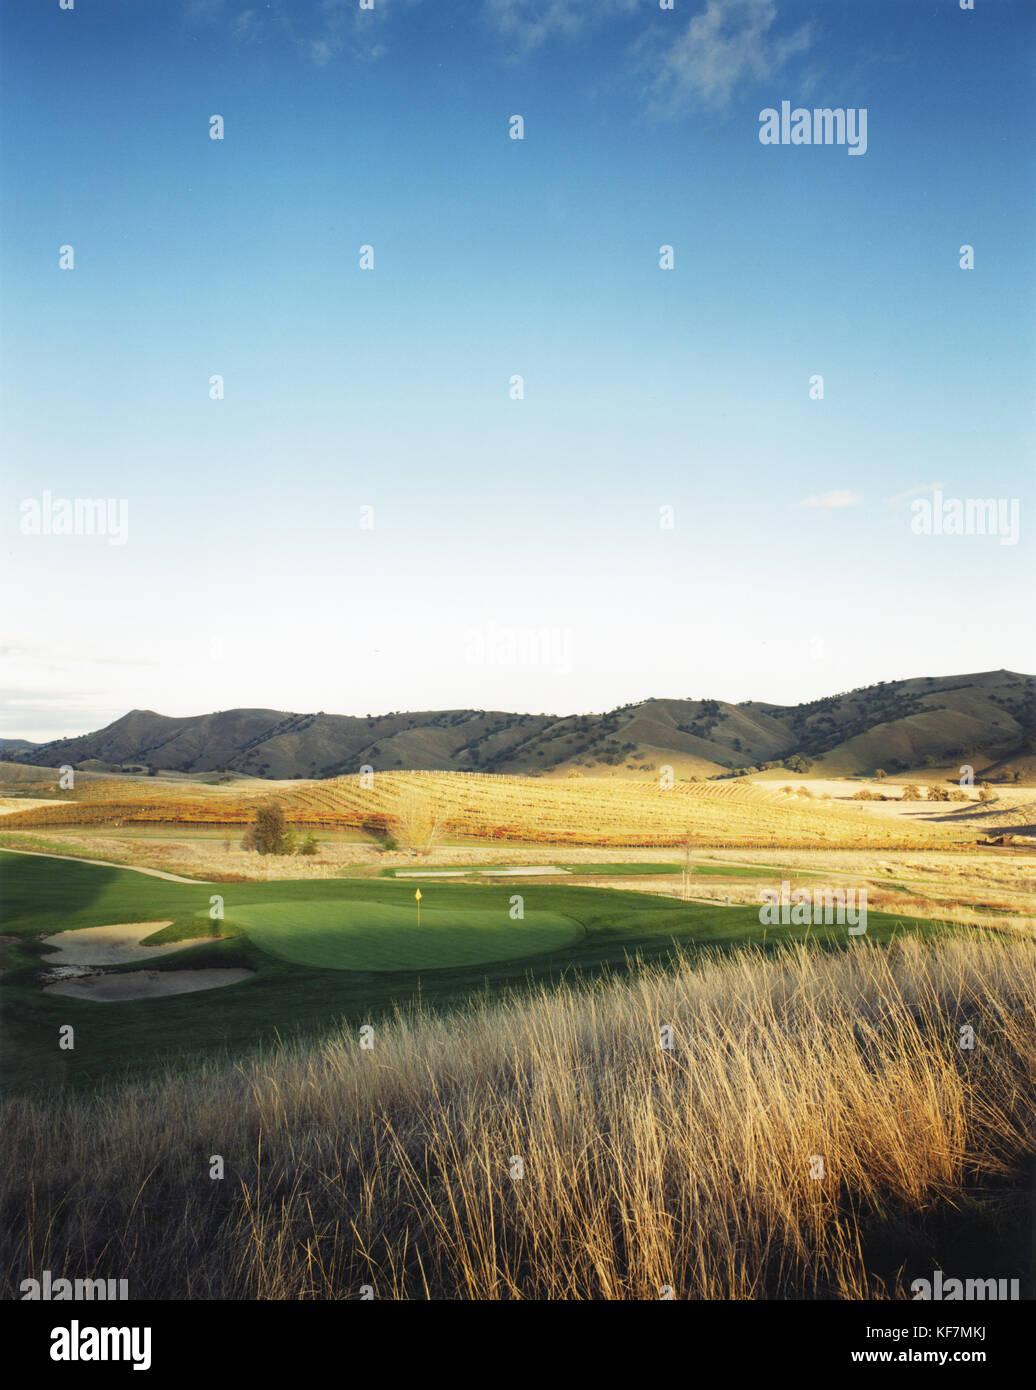 USA, California, Patterson, the Diablo Grande Golf Club, Northern